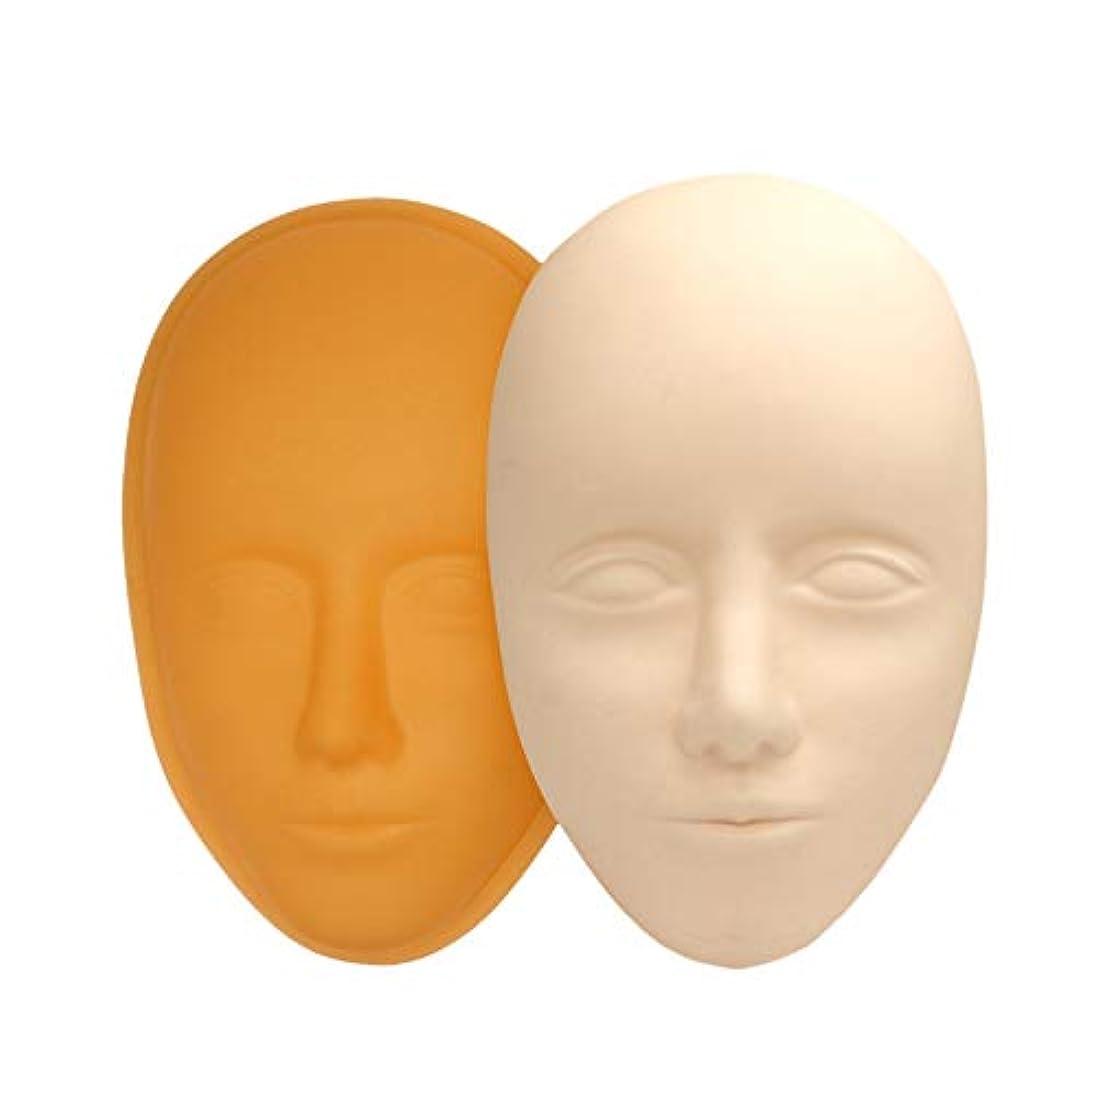 ロータリーシプリー基準SODIAL 5D フェイシャル トレーニングのヘッド シリコン 練習用パーマネント化粧リップとアイブローのスキン マネキン人形 フェイス ヘッド